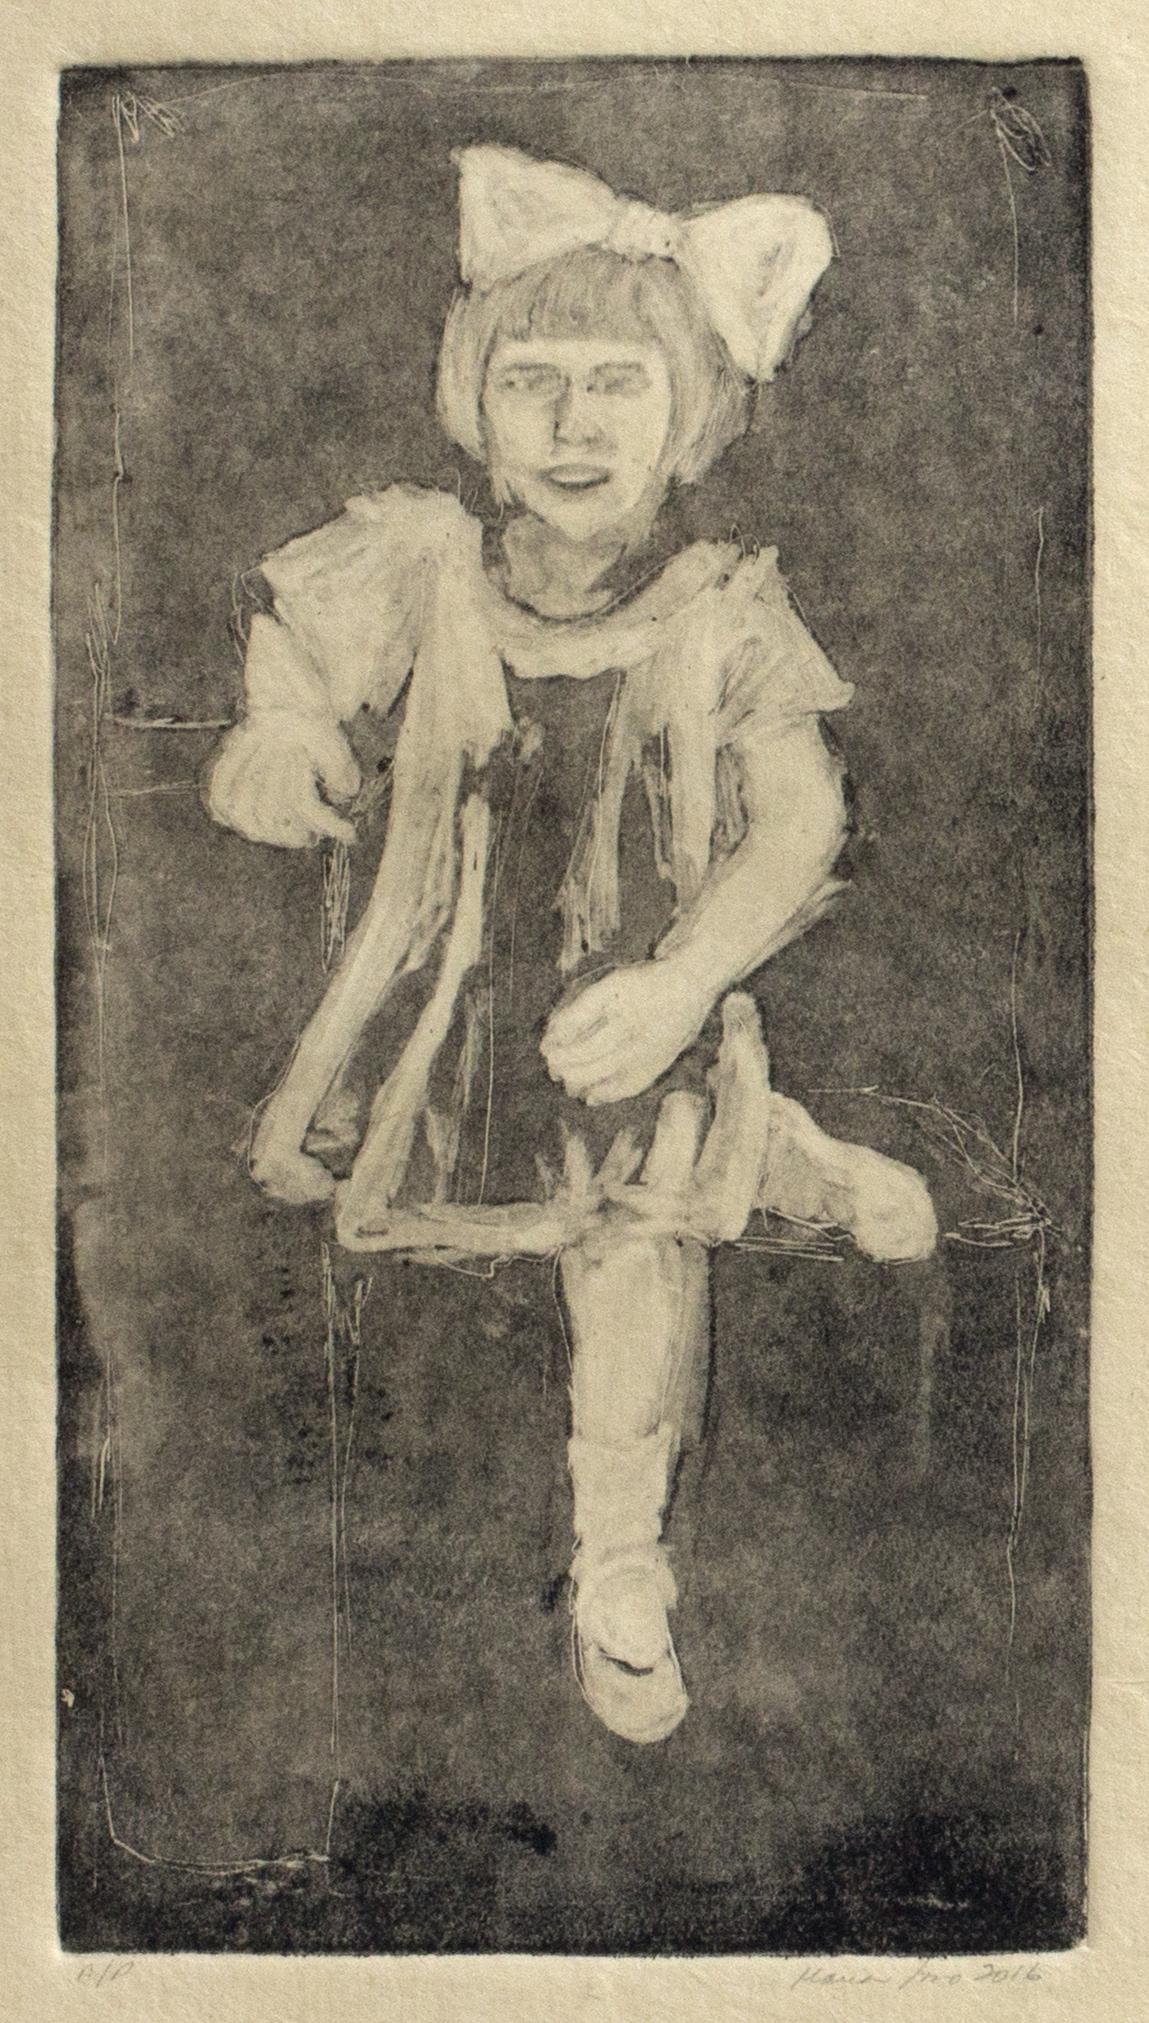 Tia Olga with Bow (on Sepia Paper)